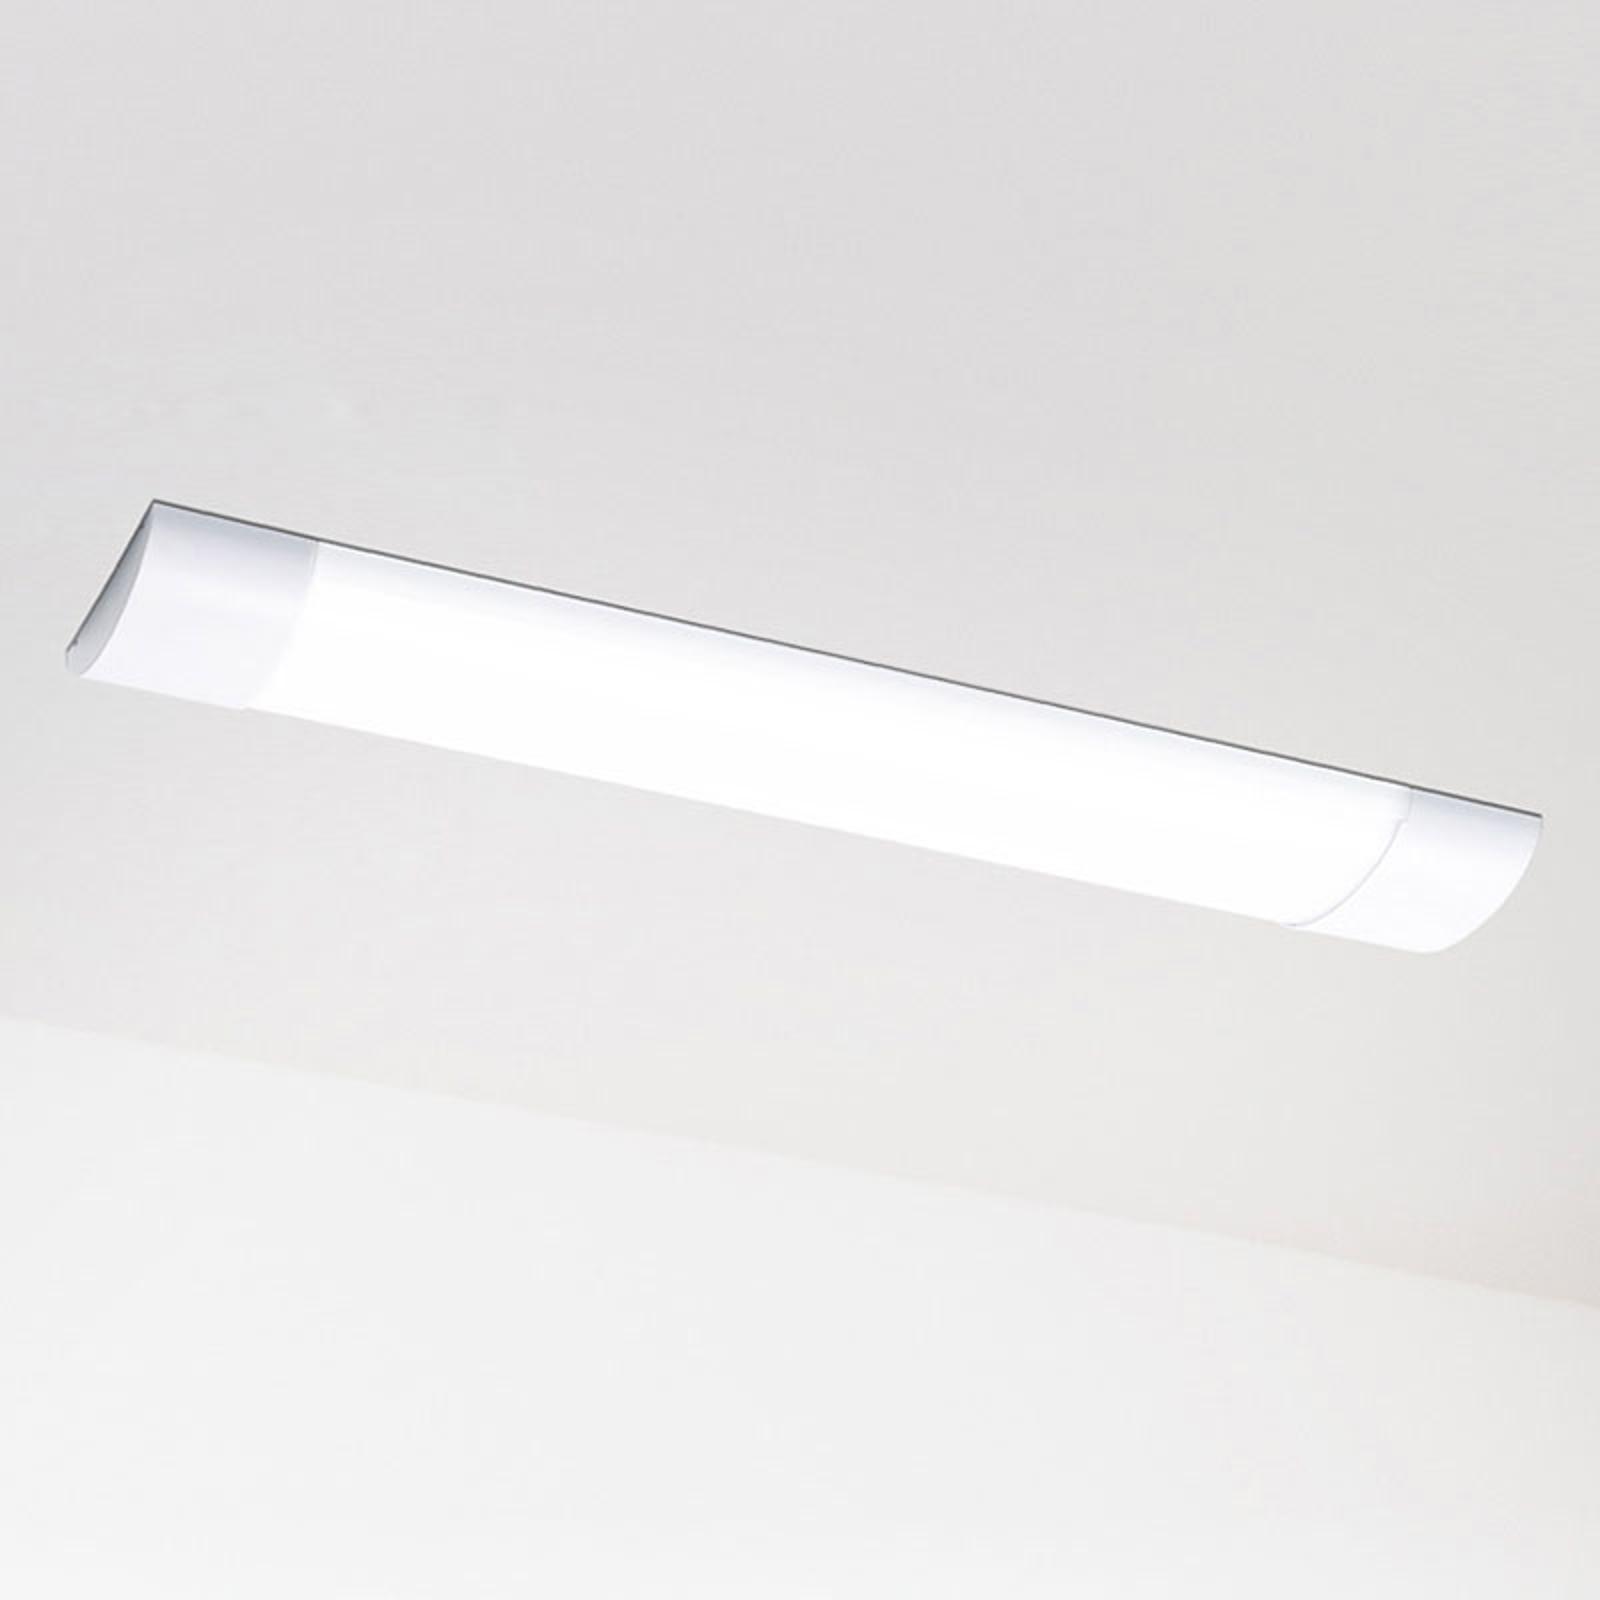 Müller Licht Scala DIM 150 LED-Deckenleuchte